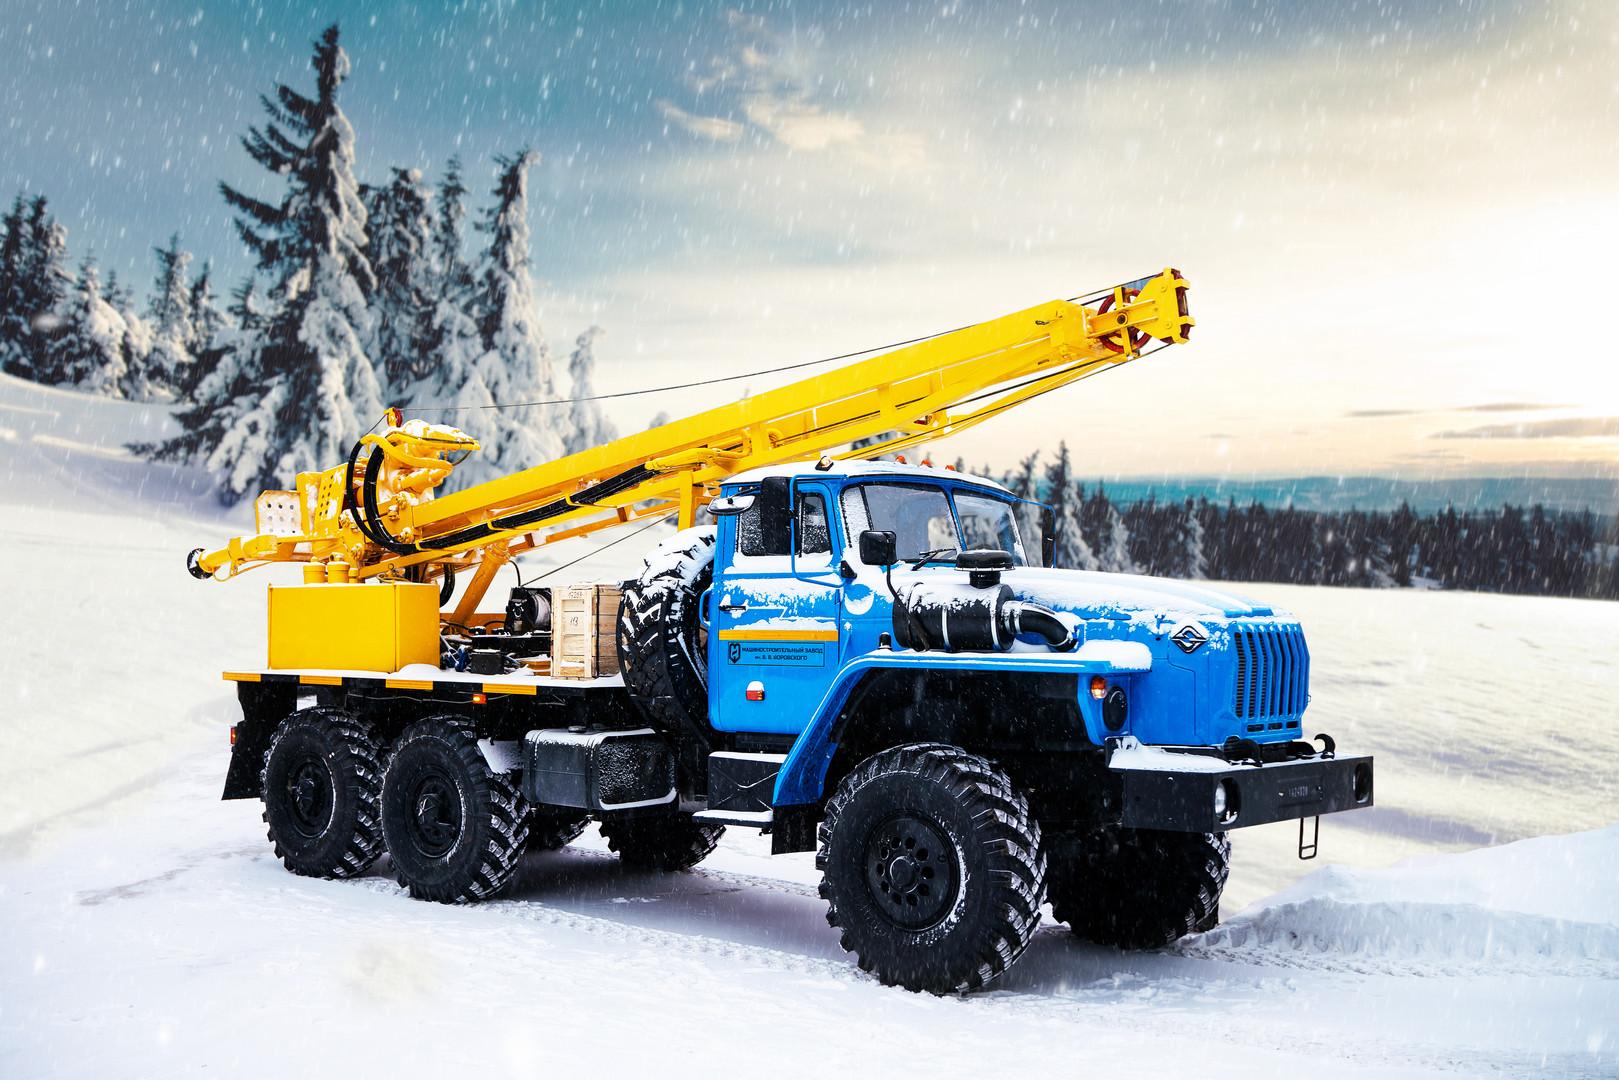 Drilling rig URB 2D3